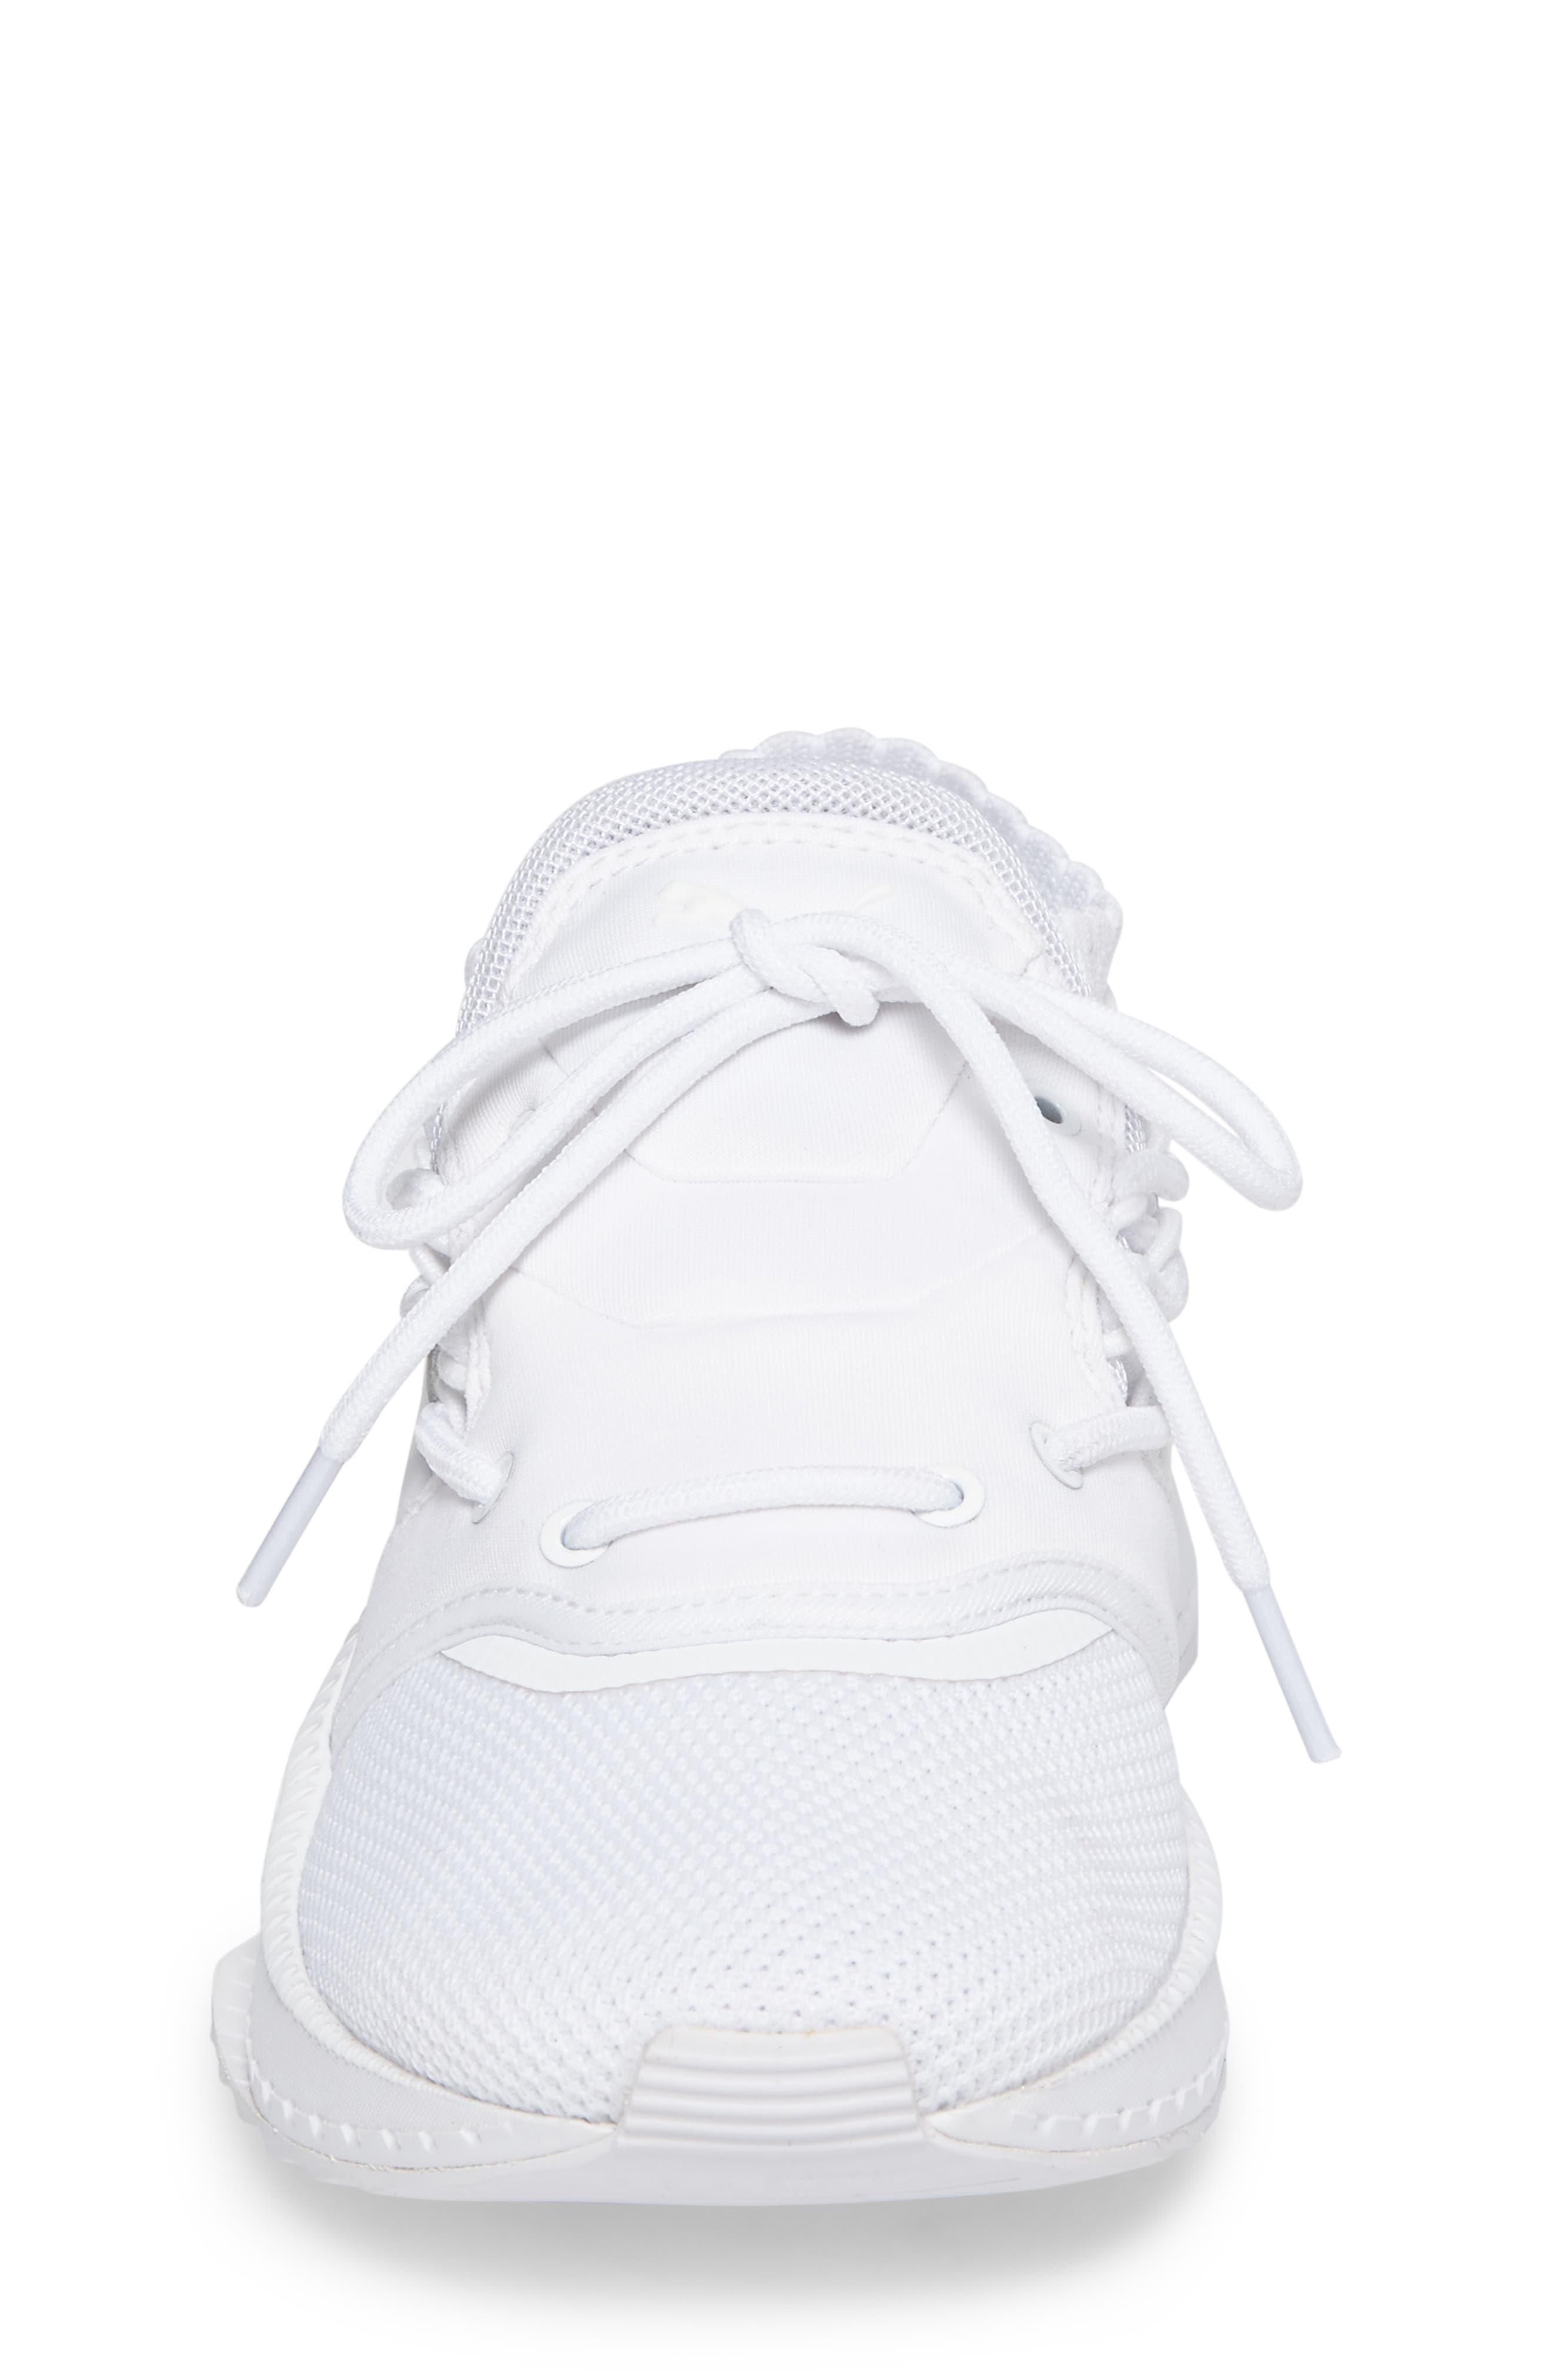 Tsugi Shinsei Jr Training Shoe,                             Alternate thumbnail 3, color,                             White